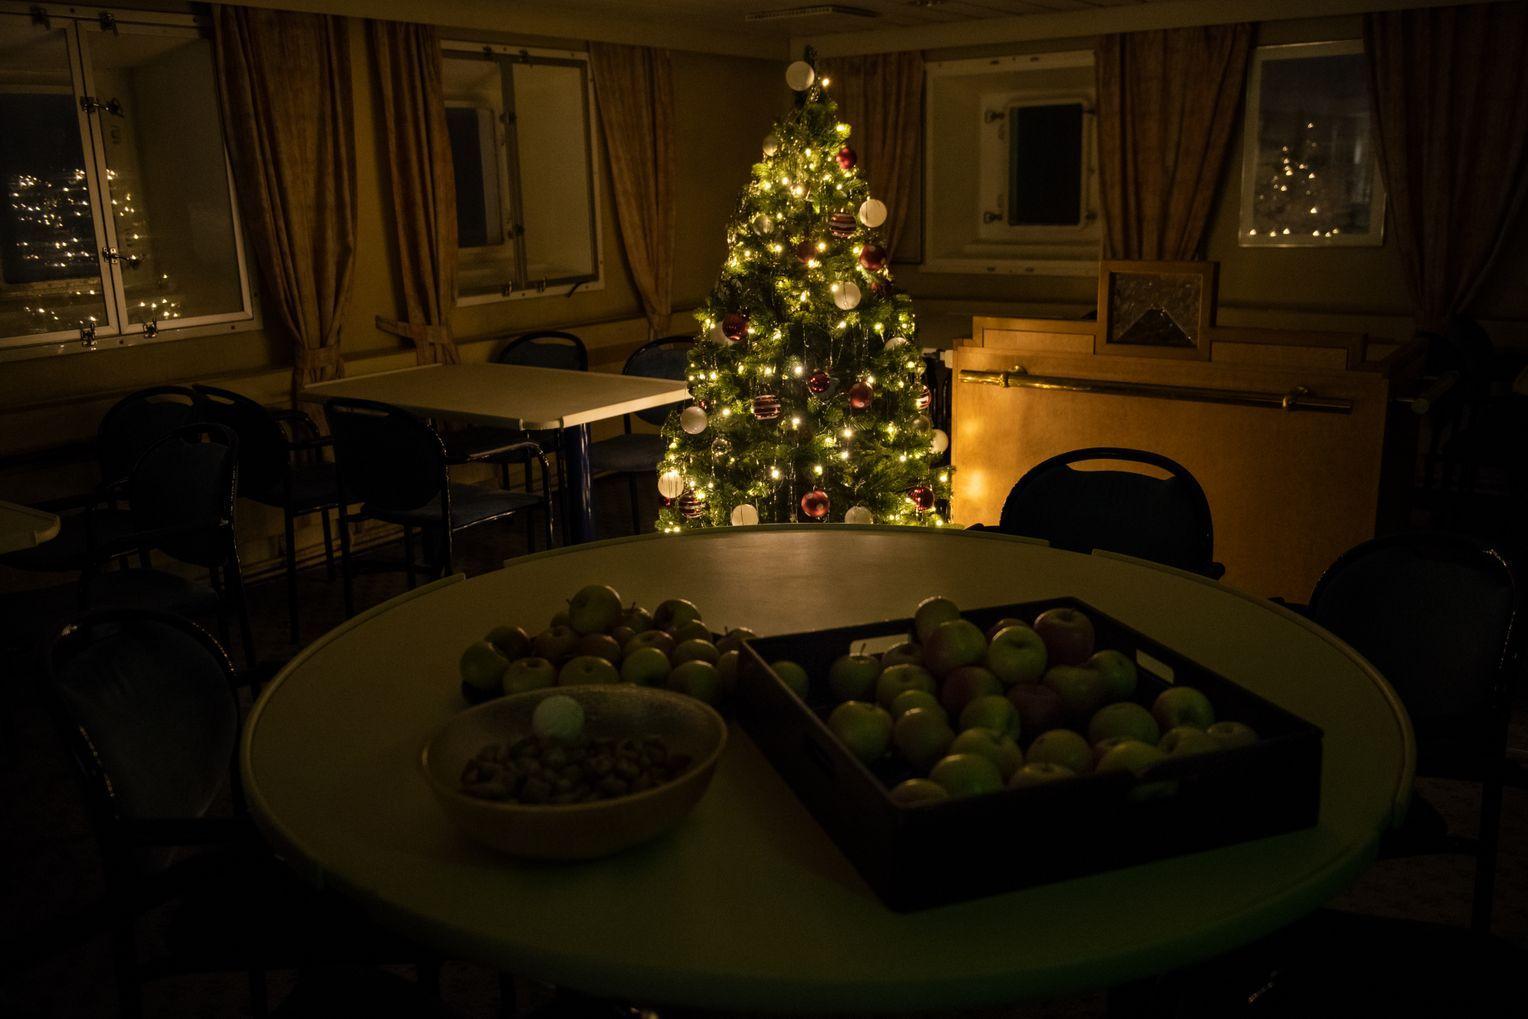 Weihnachtsbaum am Pol. Aber für Privates blieb den Expeditionsteilnehmern sonst wenig Zeit. Foto:Esther Horvath